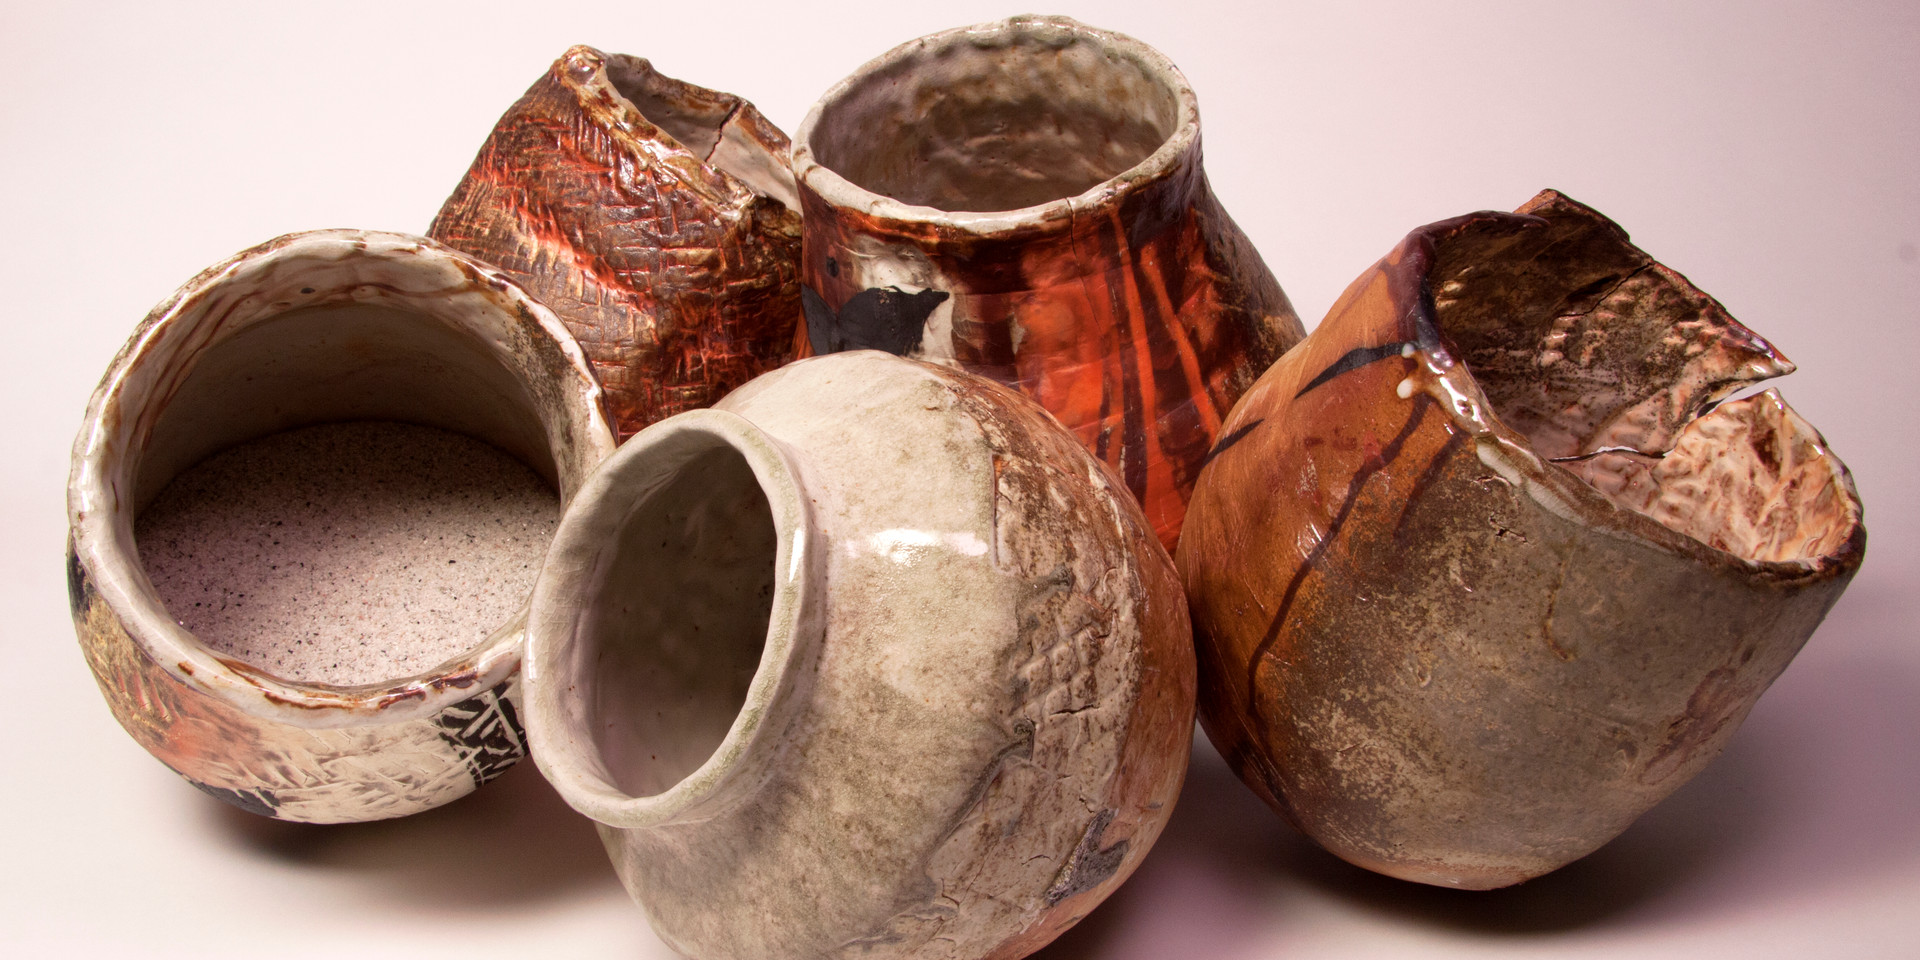 5 Water Jars